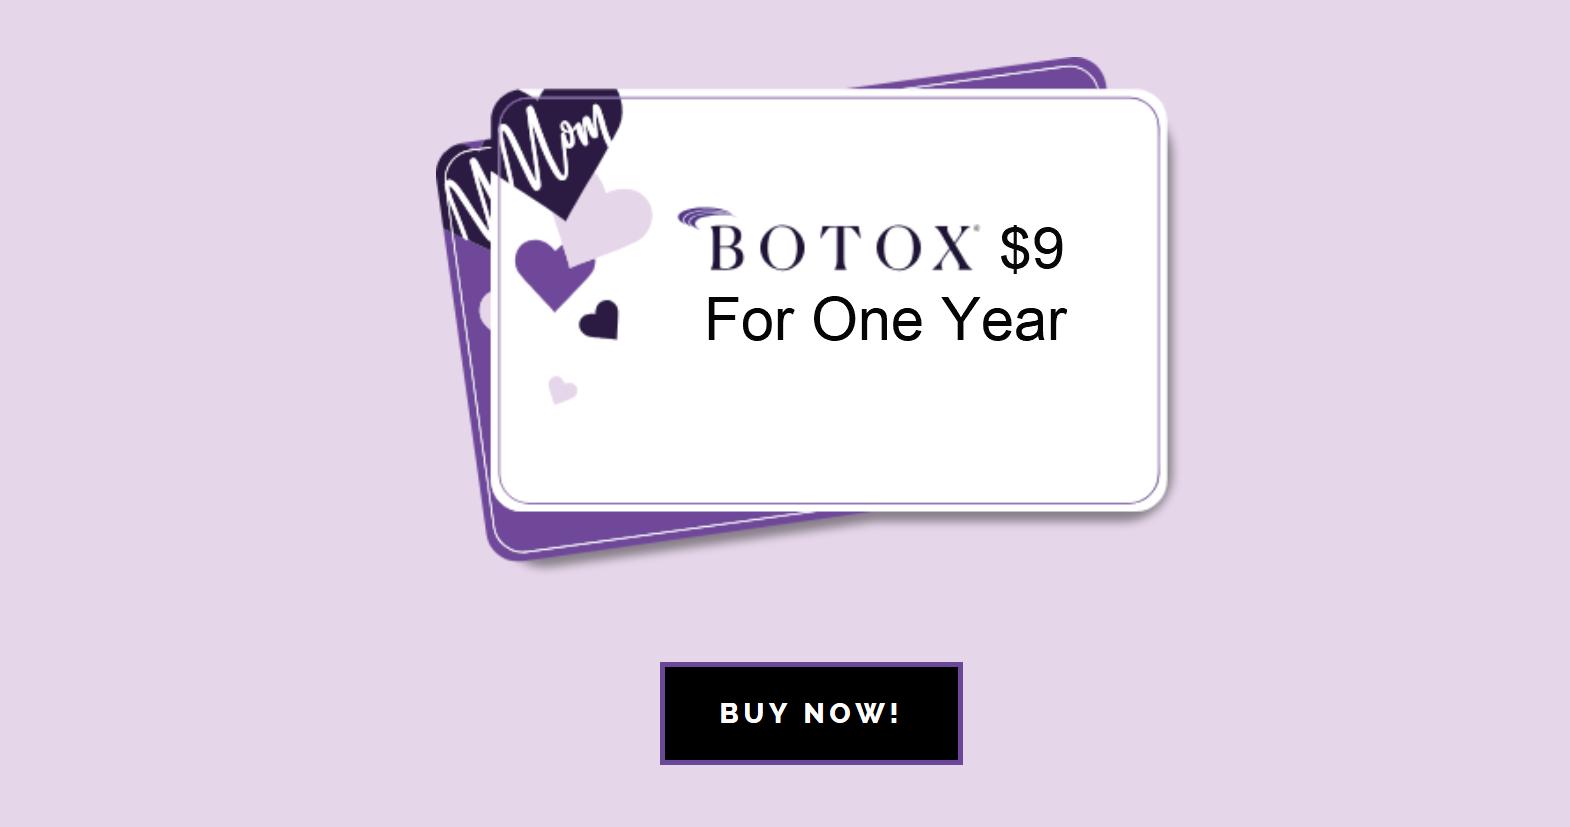 Botox specials $9 per unit elite medical aesthetics rocklin 4th FREE s